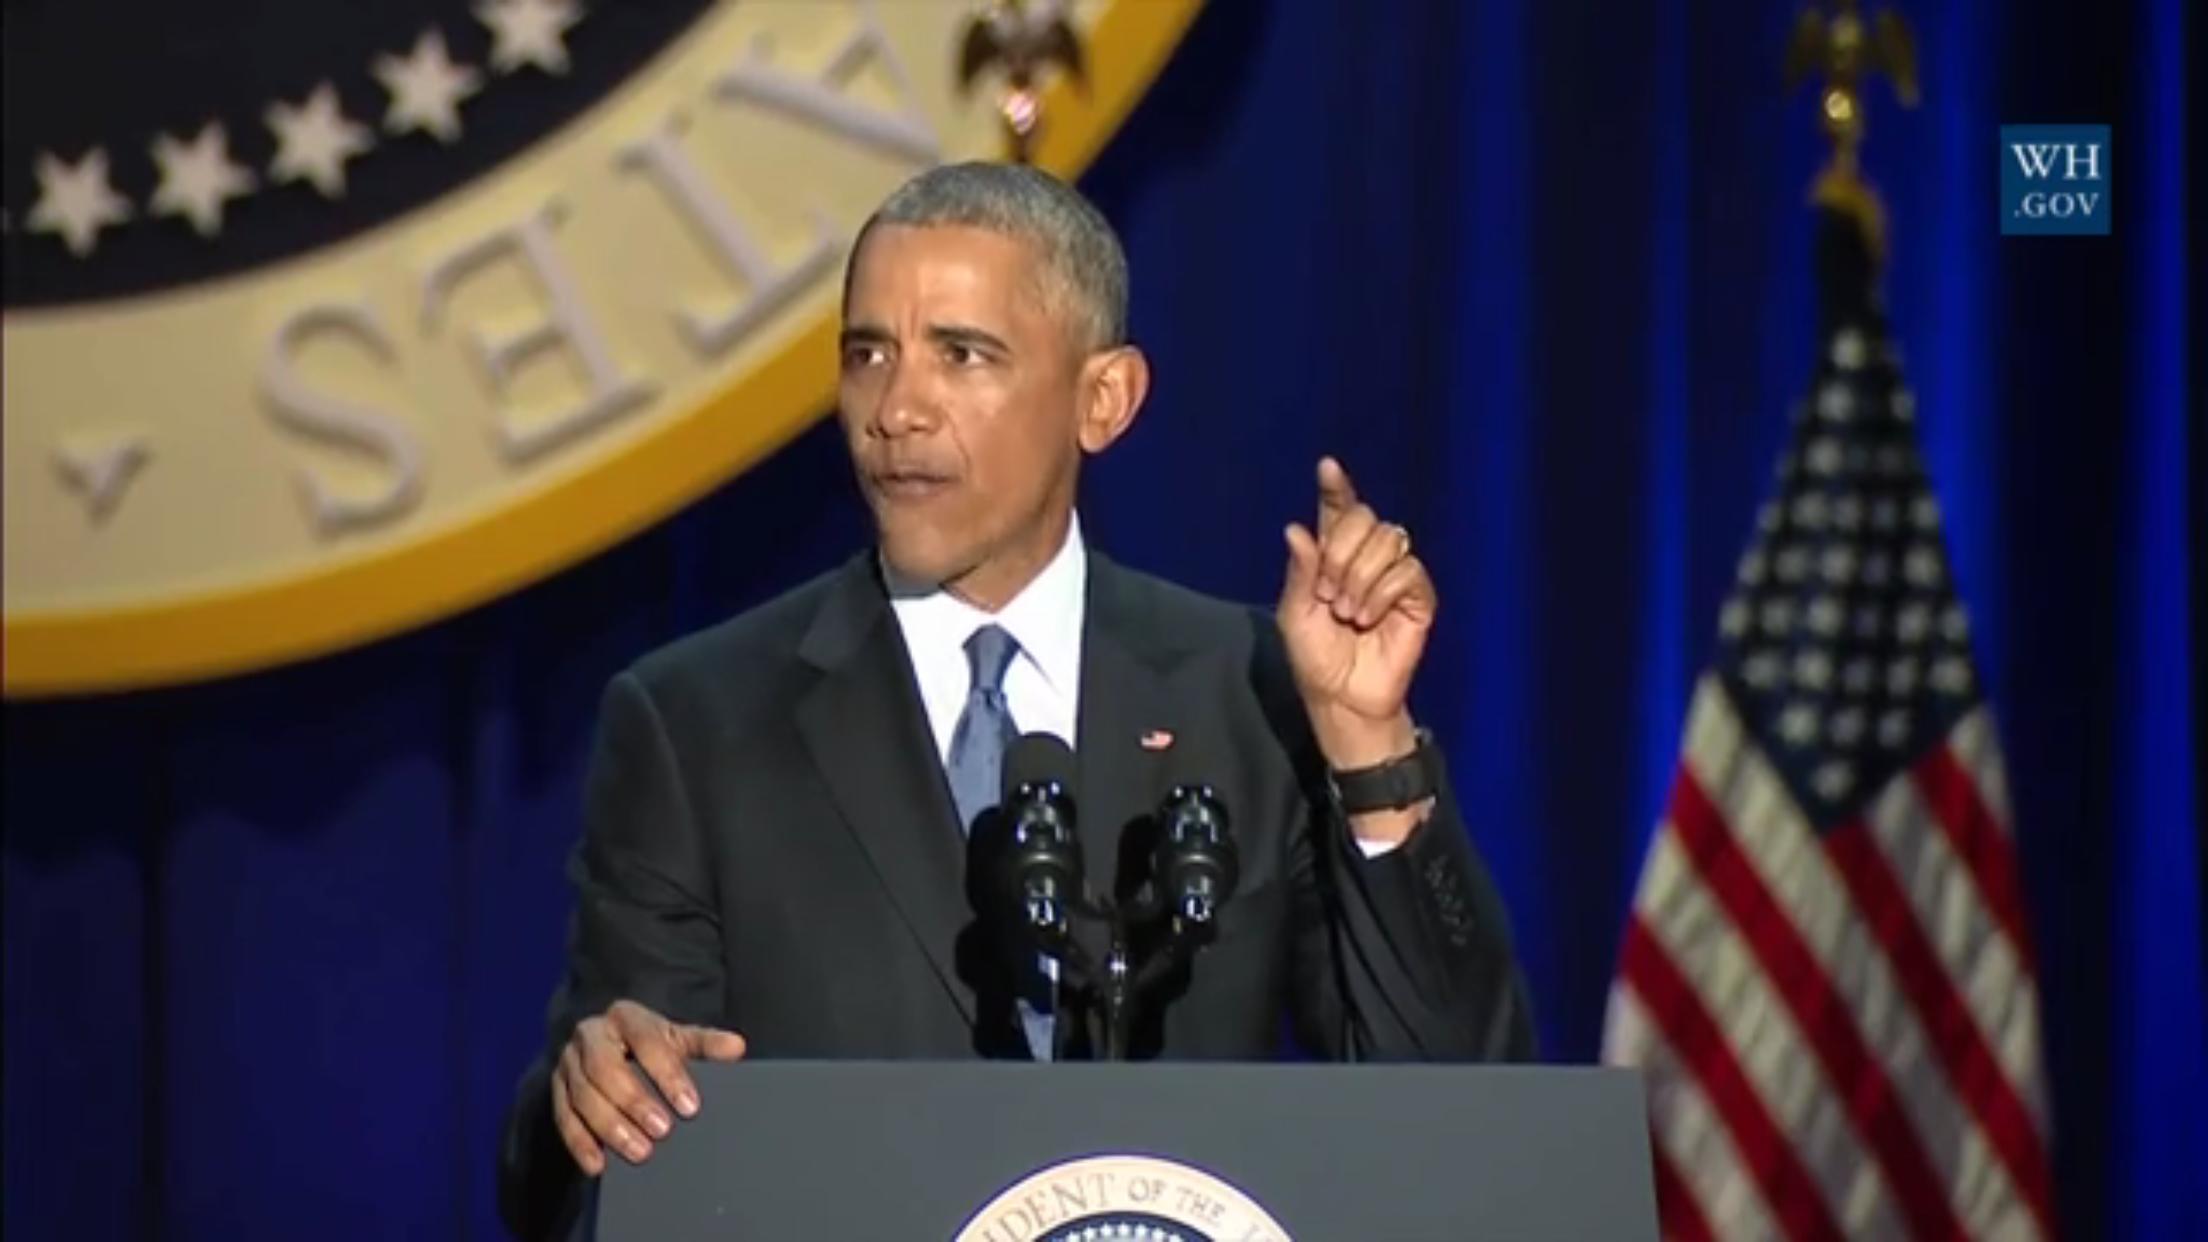 President Barack Obama, White House Video